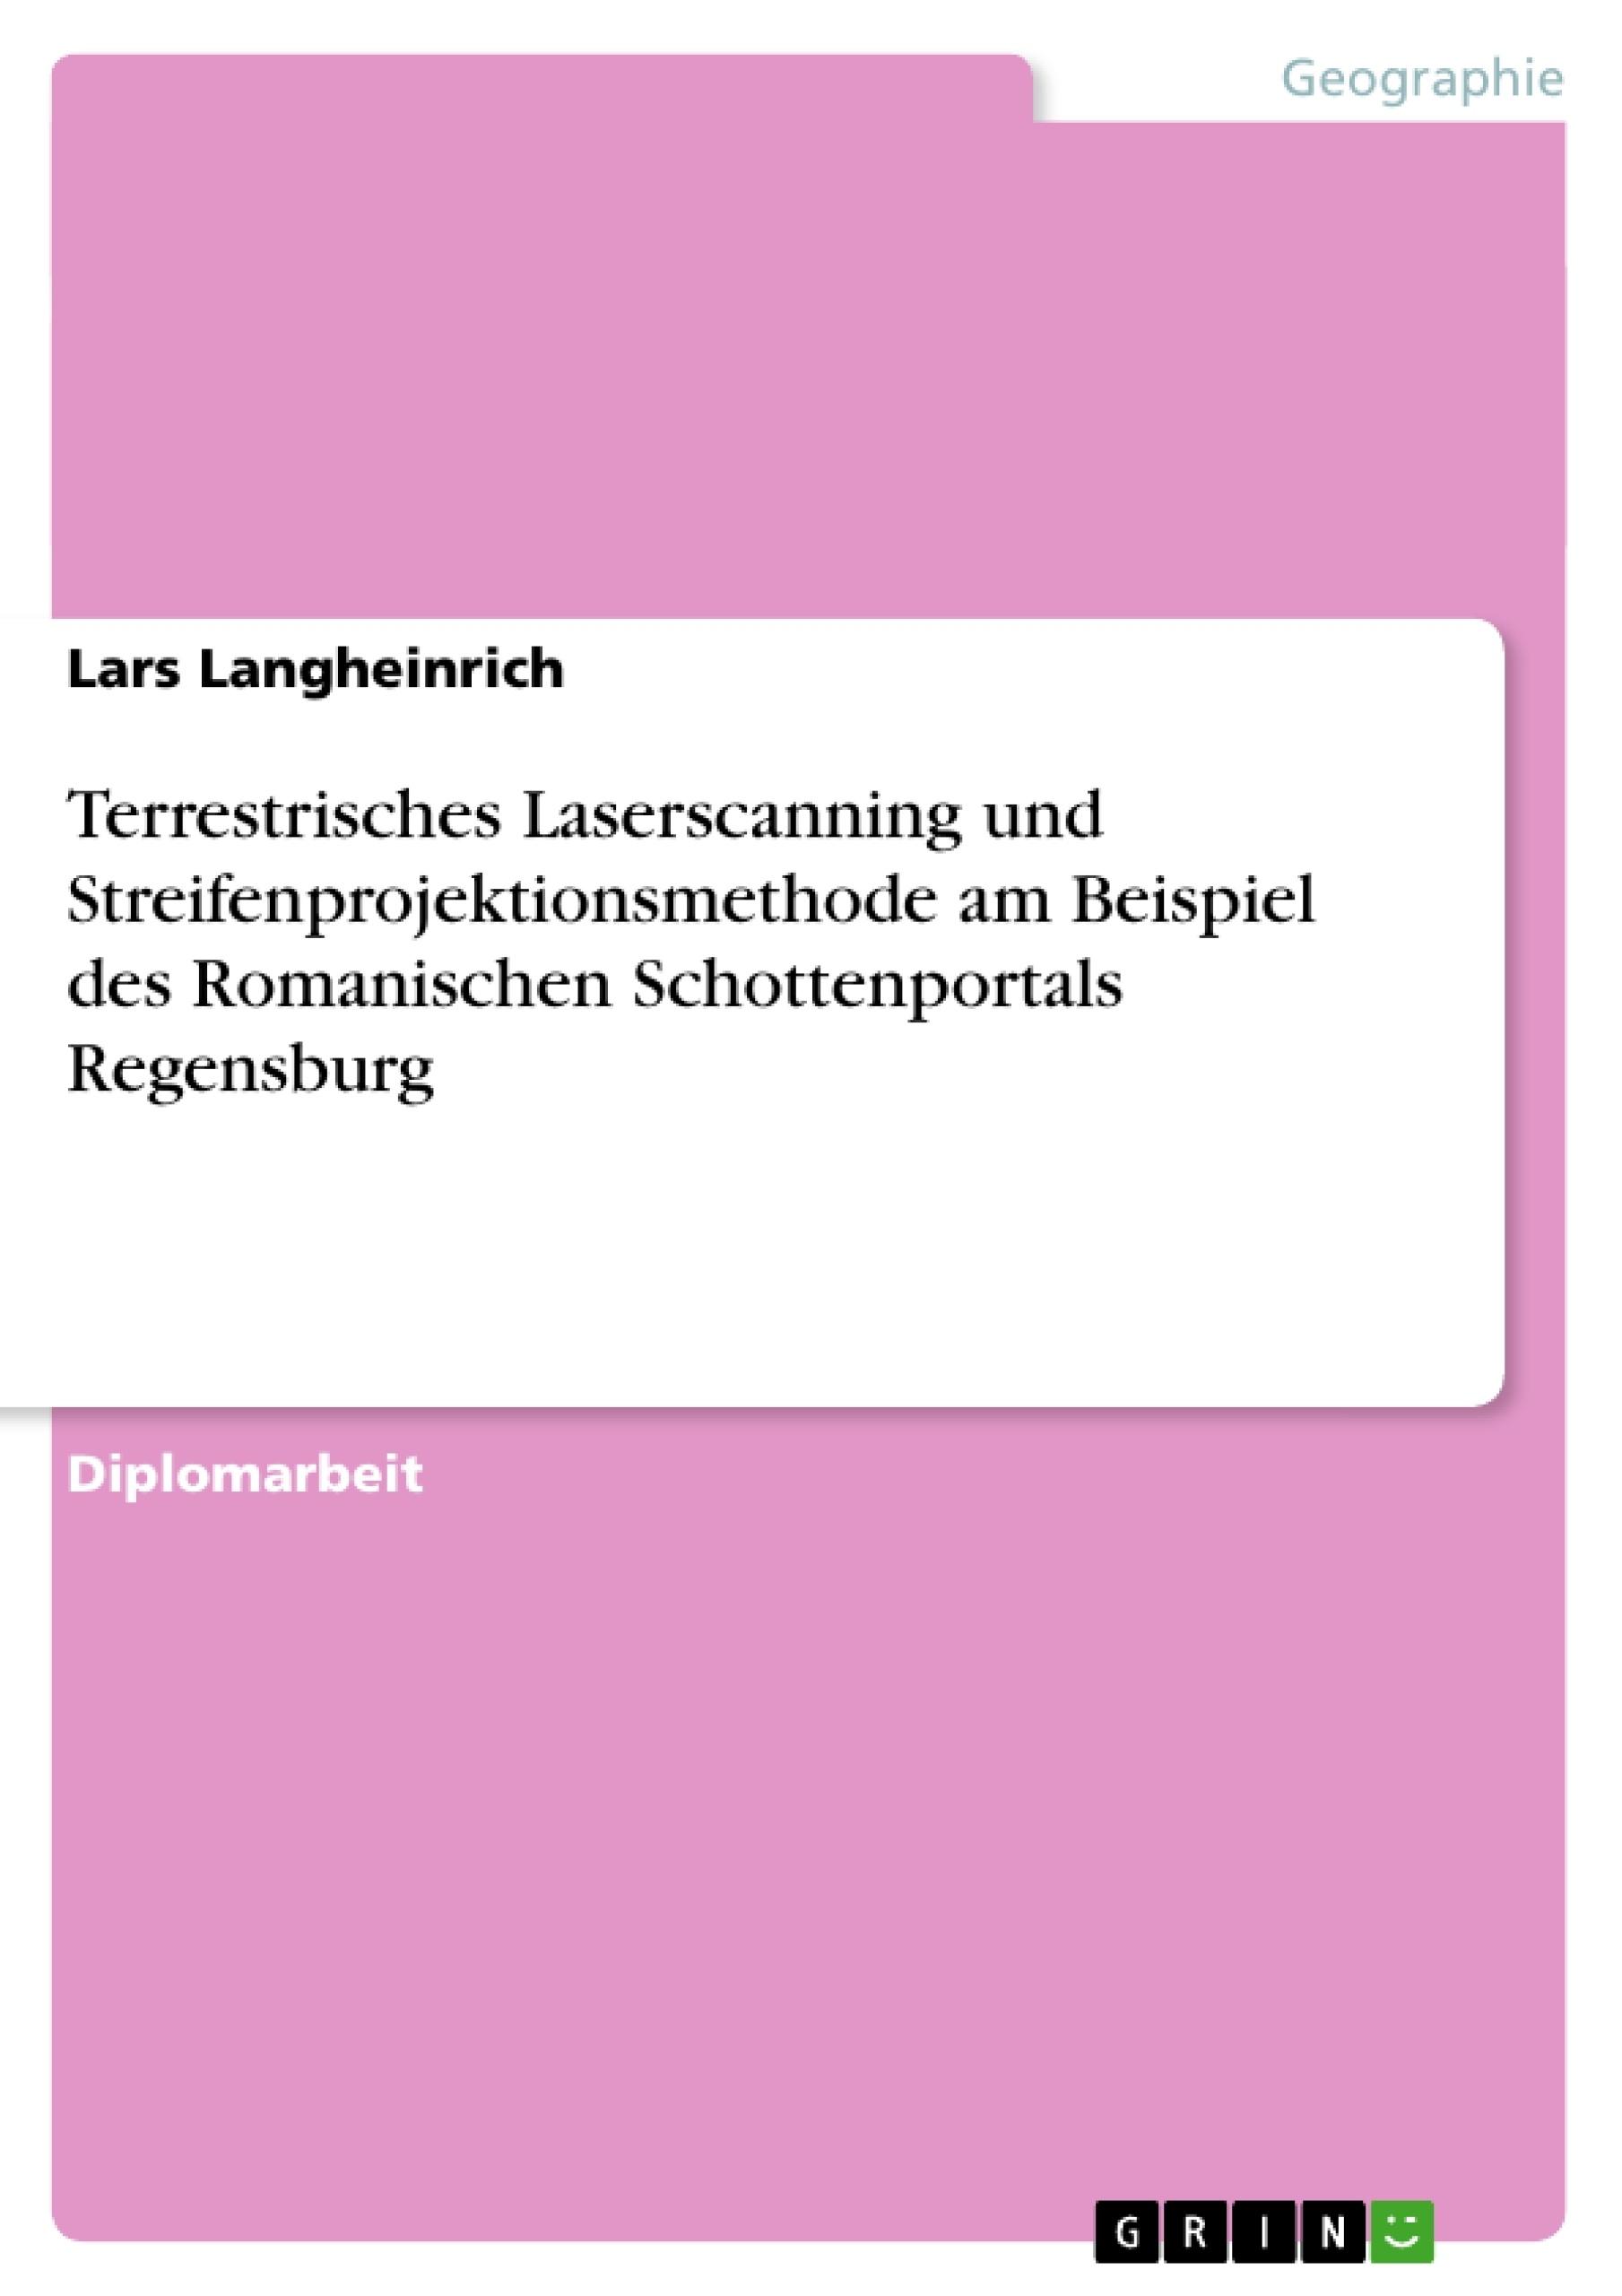 Titel: Terrestrisches Laserscanning und Streifenprojektionsmethode am Beispiel des Romanischen Schottenportals Regensburg